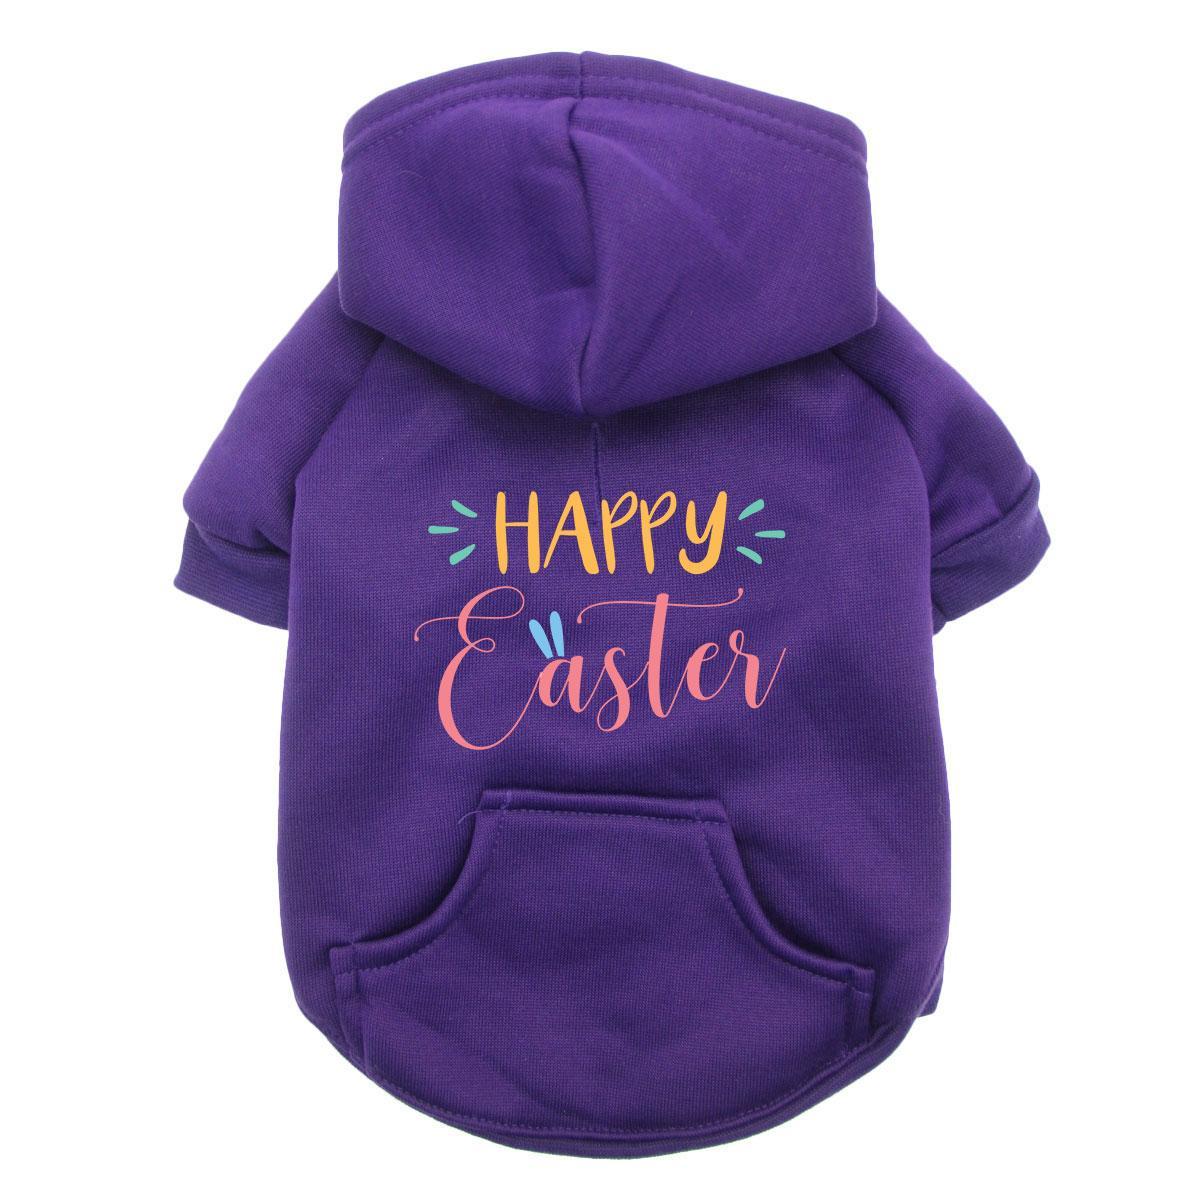 Happy Easter Dog Hoodie - Purple